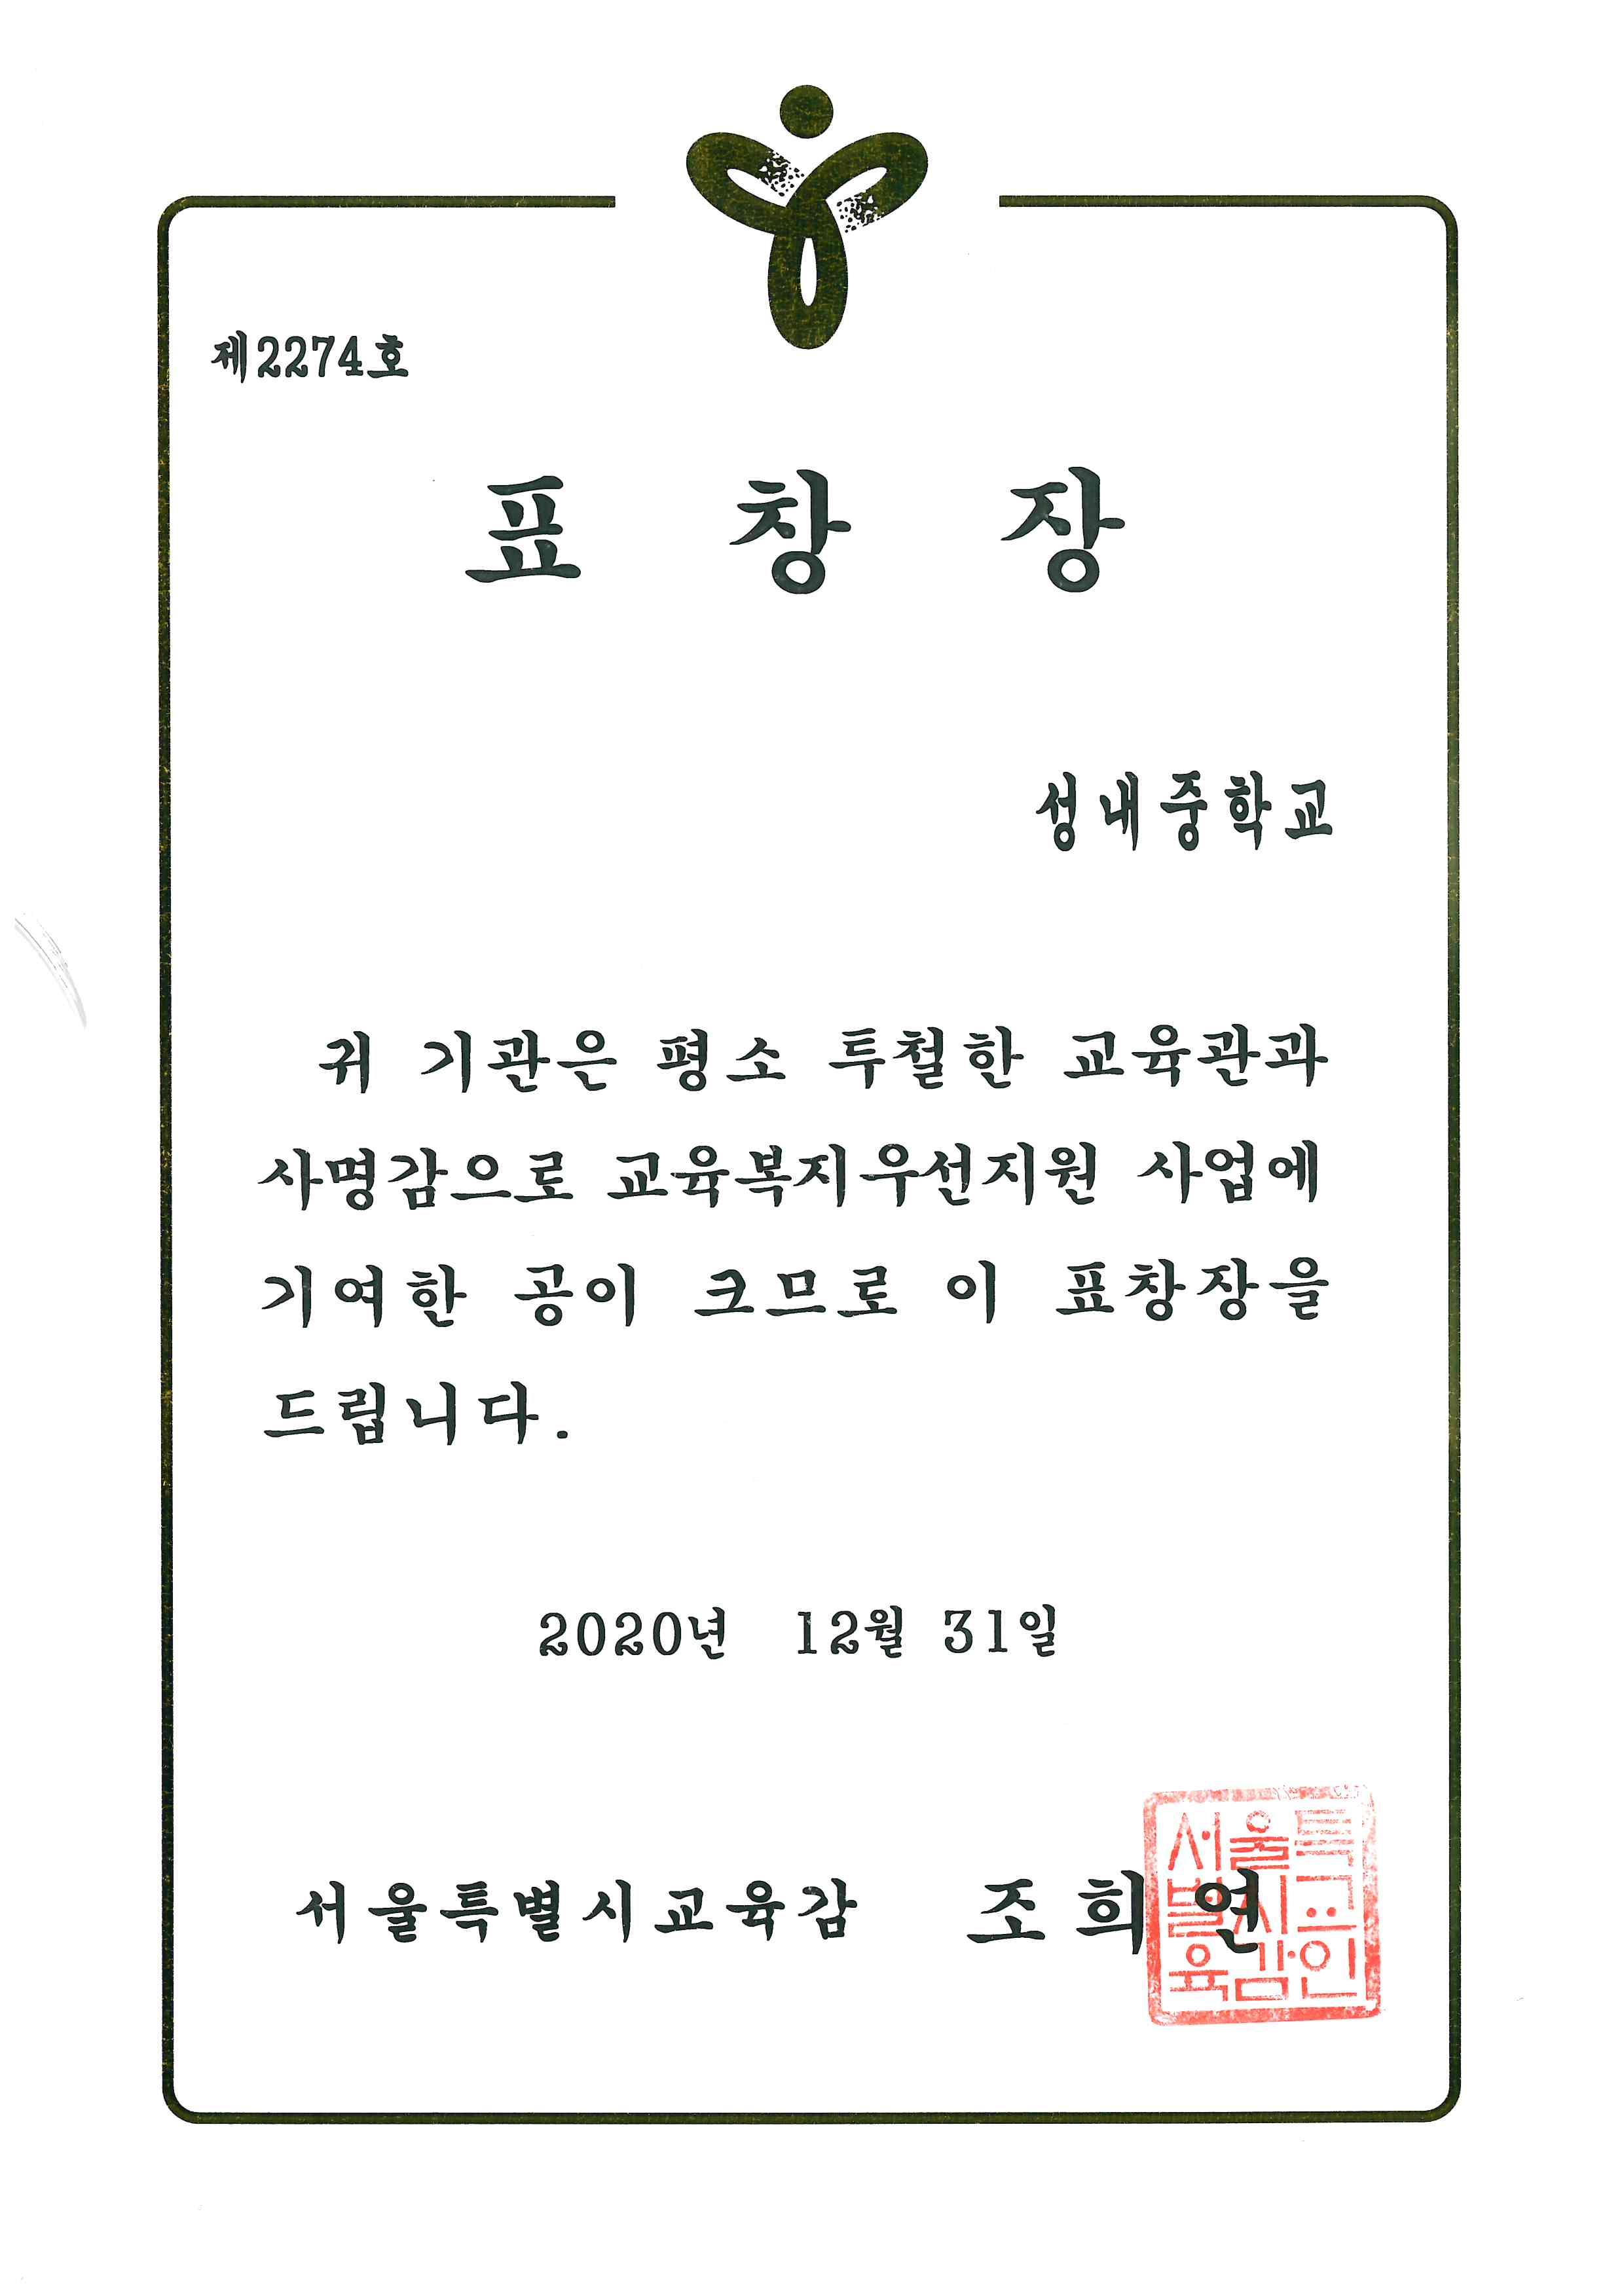 [성내중] 교육복지 및 진로교육 활성화 우수학교 표창